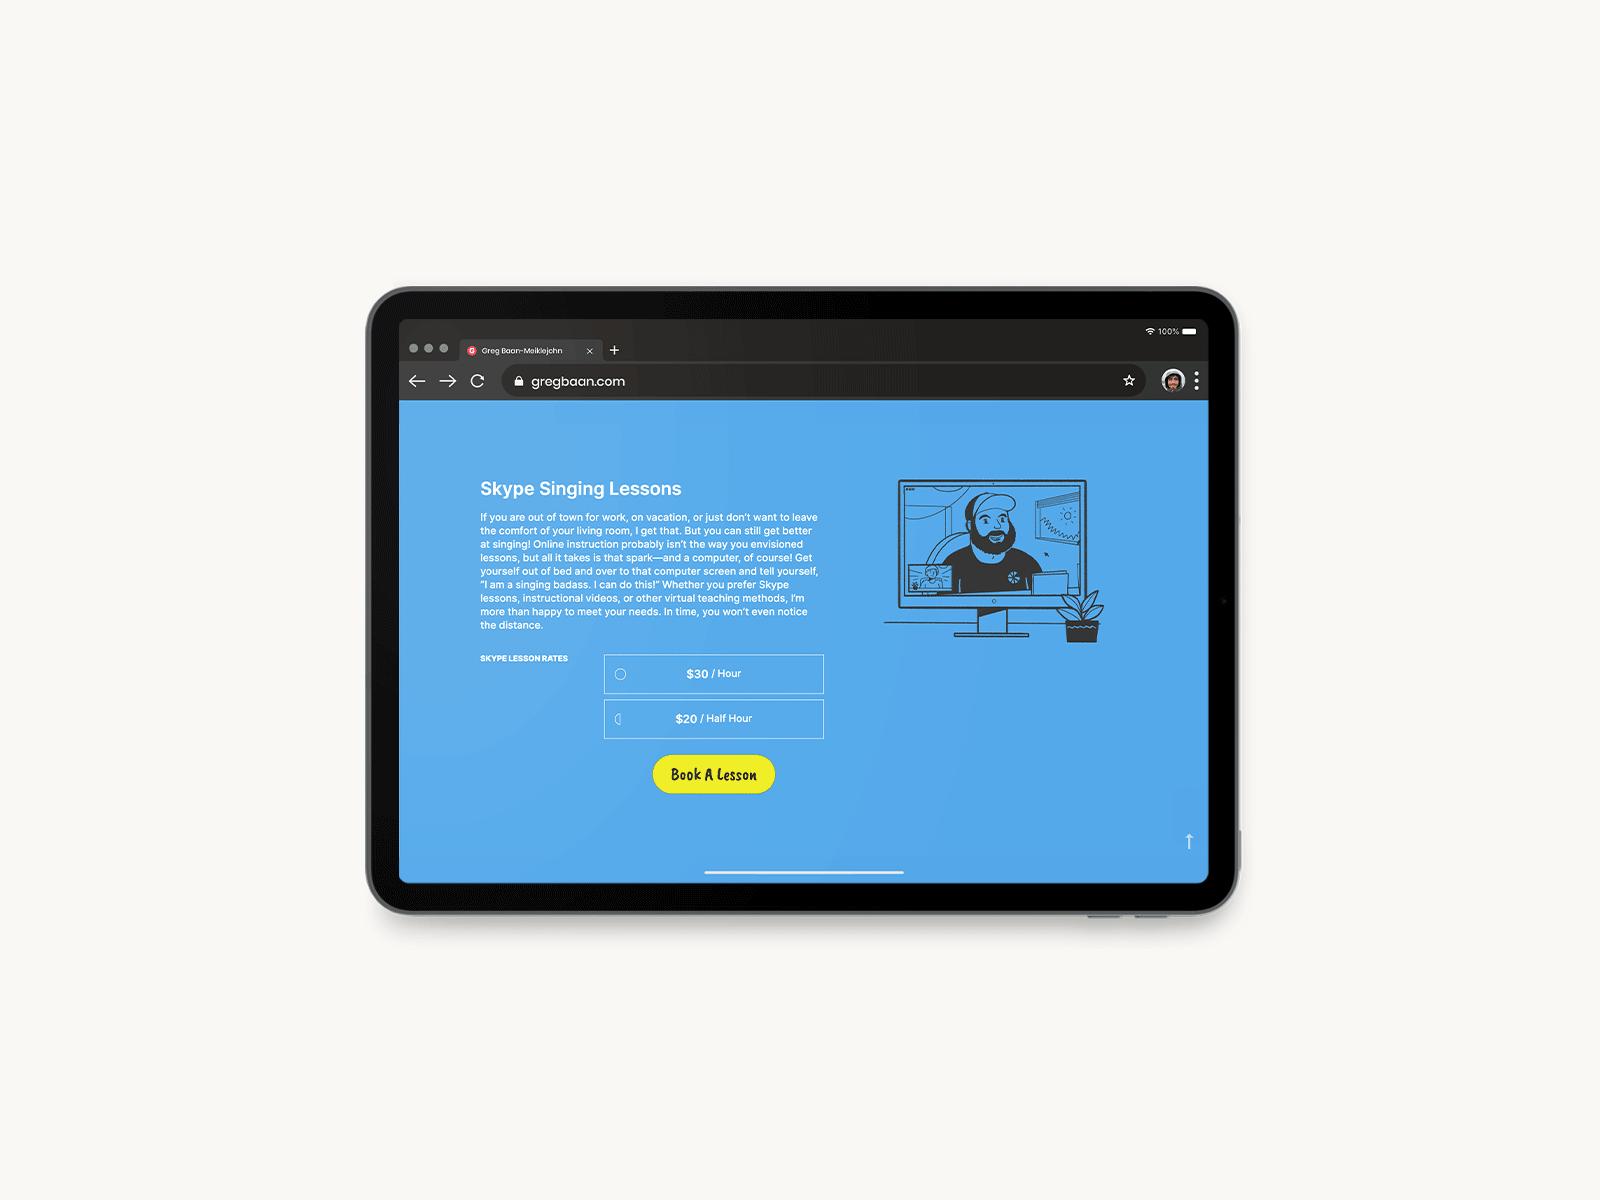 website design on laptop for greg baan .com